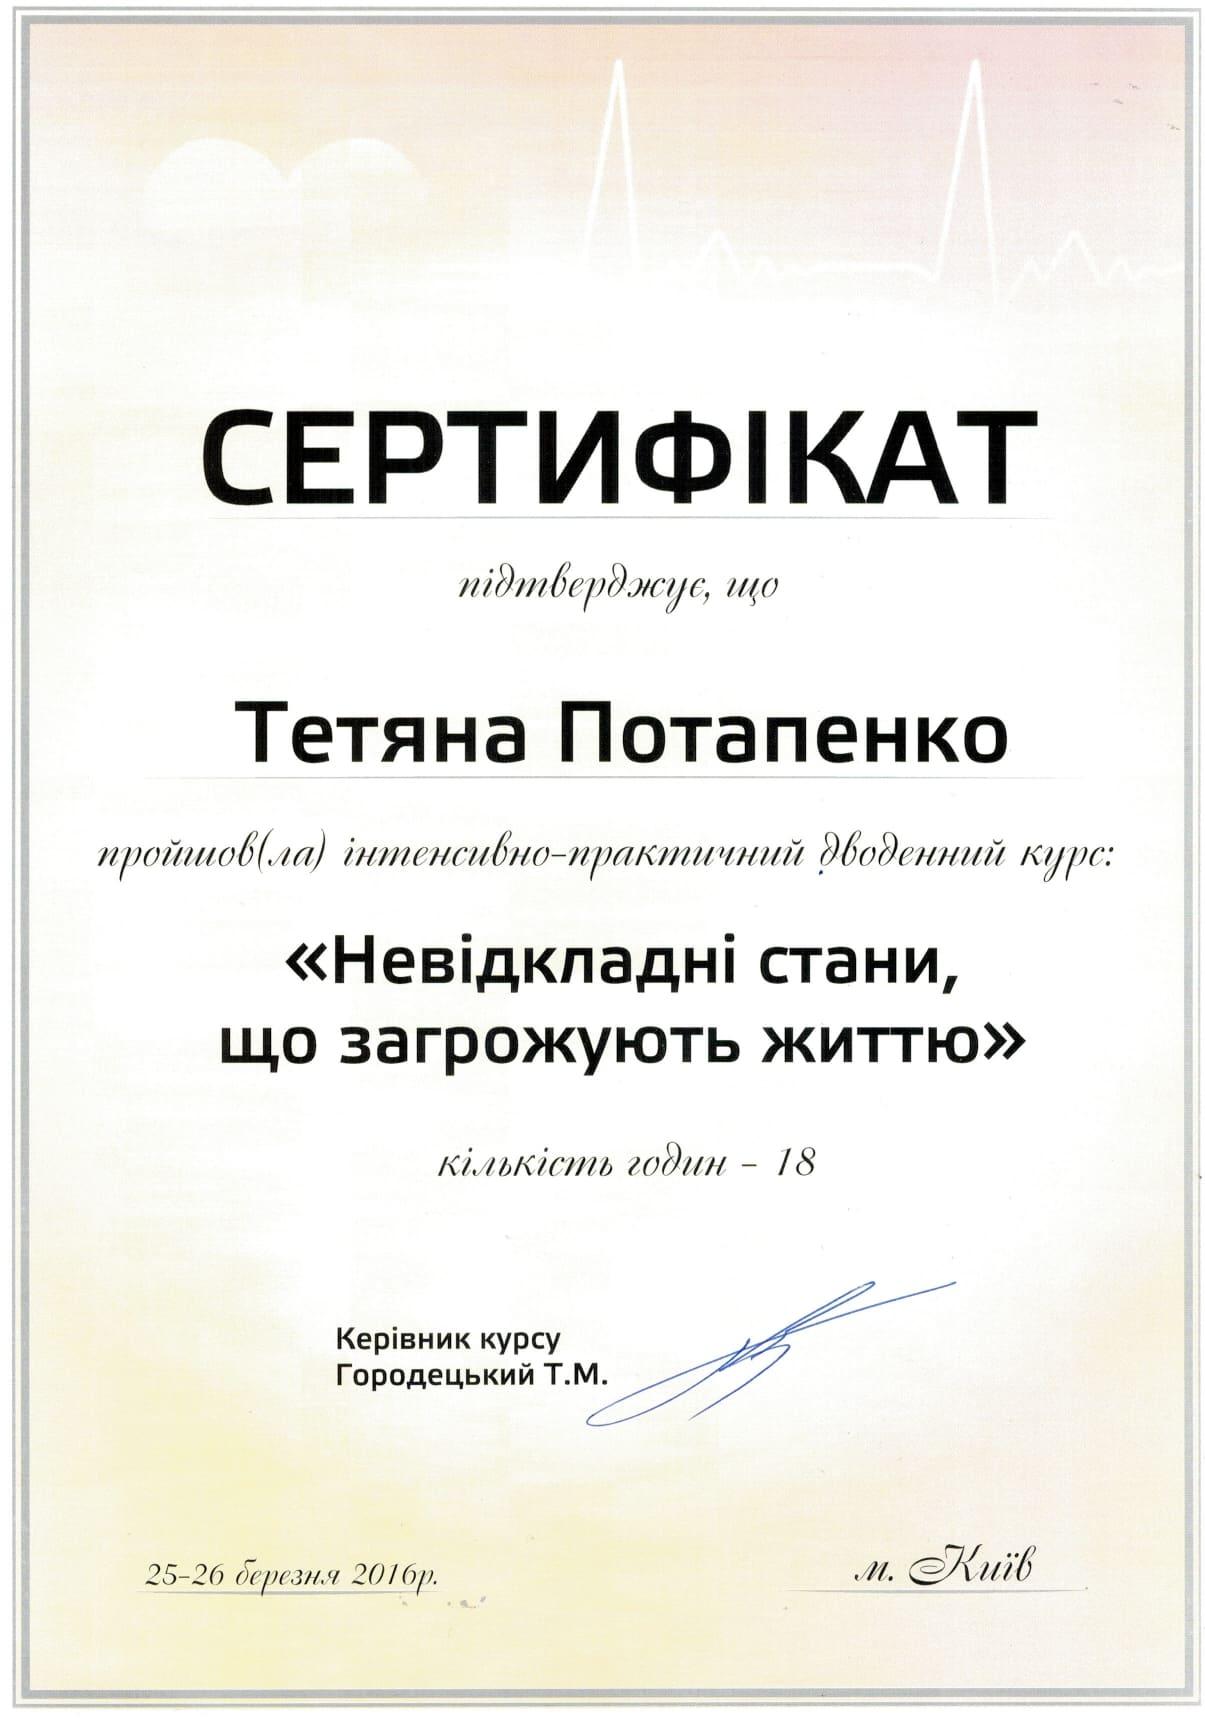 Сертификат подтверждающий участие Татьяны Потапенко в курсе - Неотложные состояния которые угрожают жизни